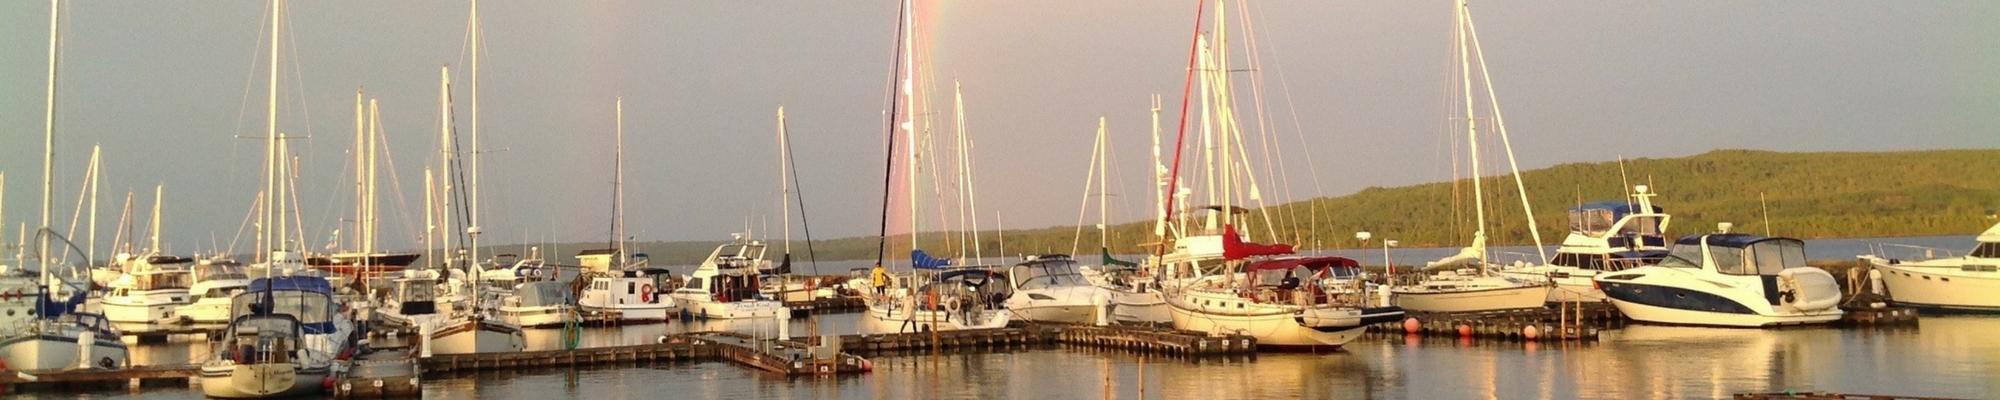 Lewisporte Yacht Club